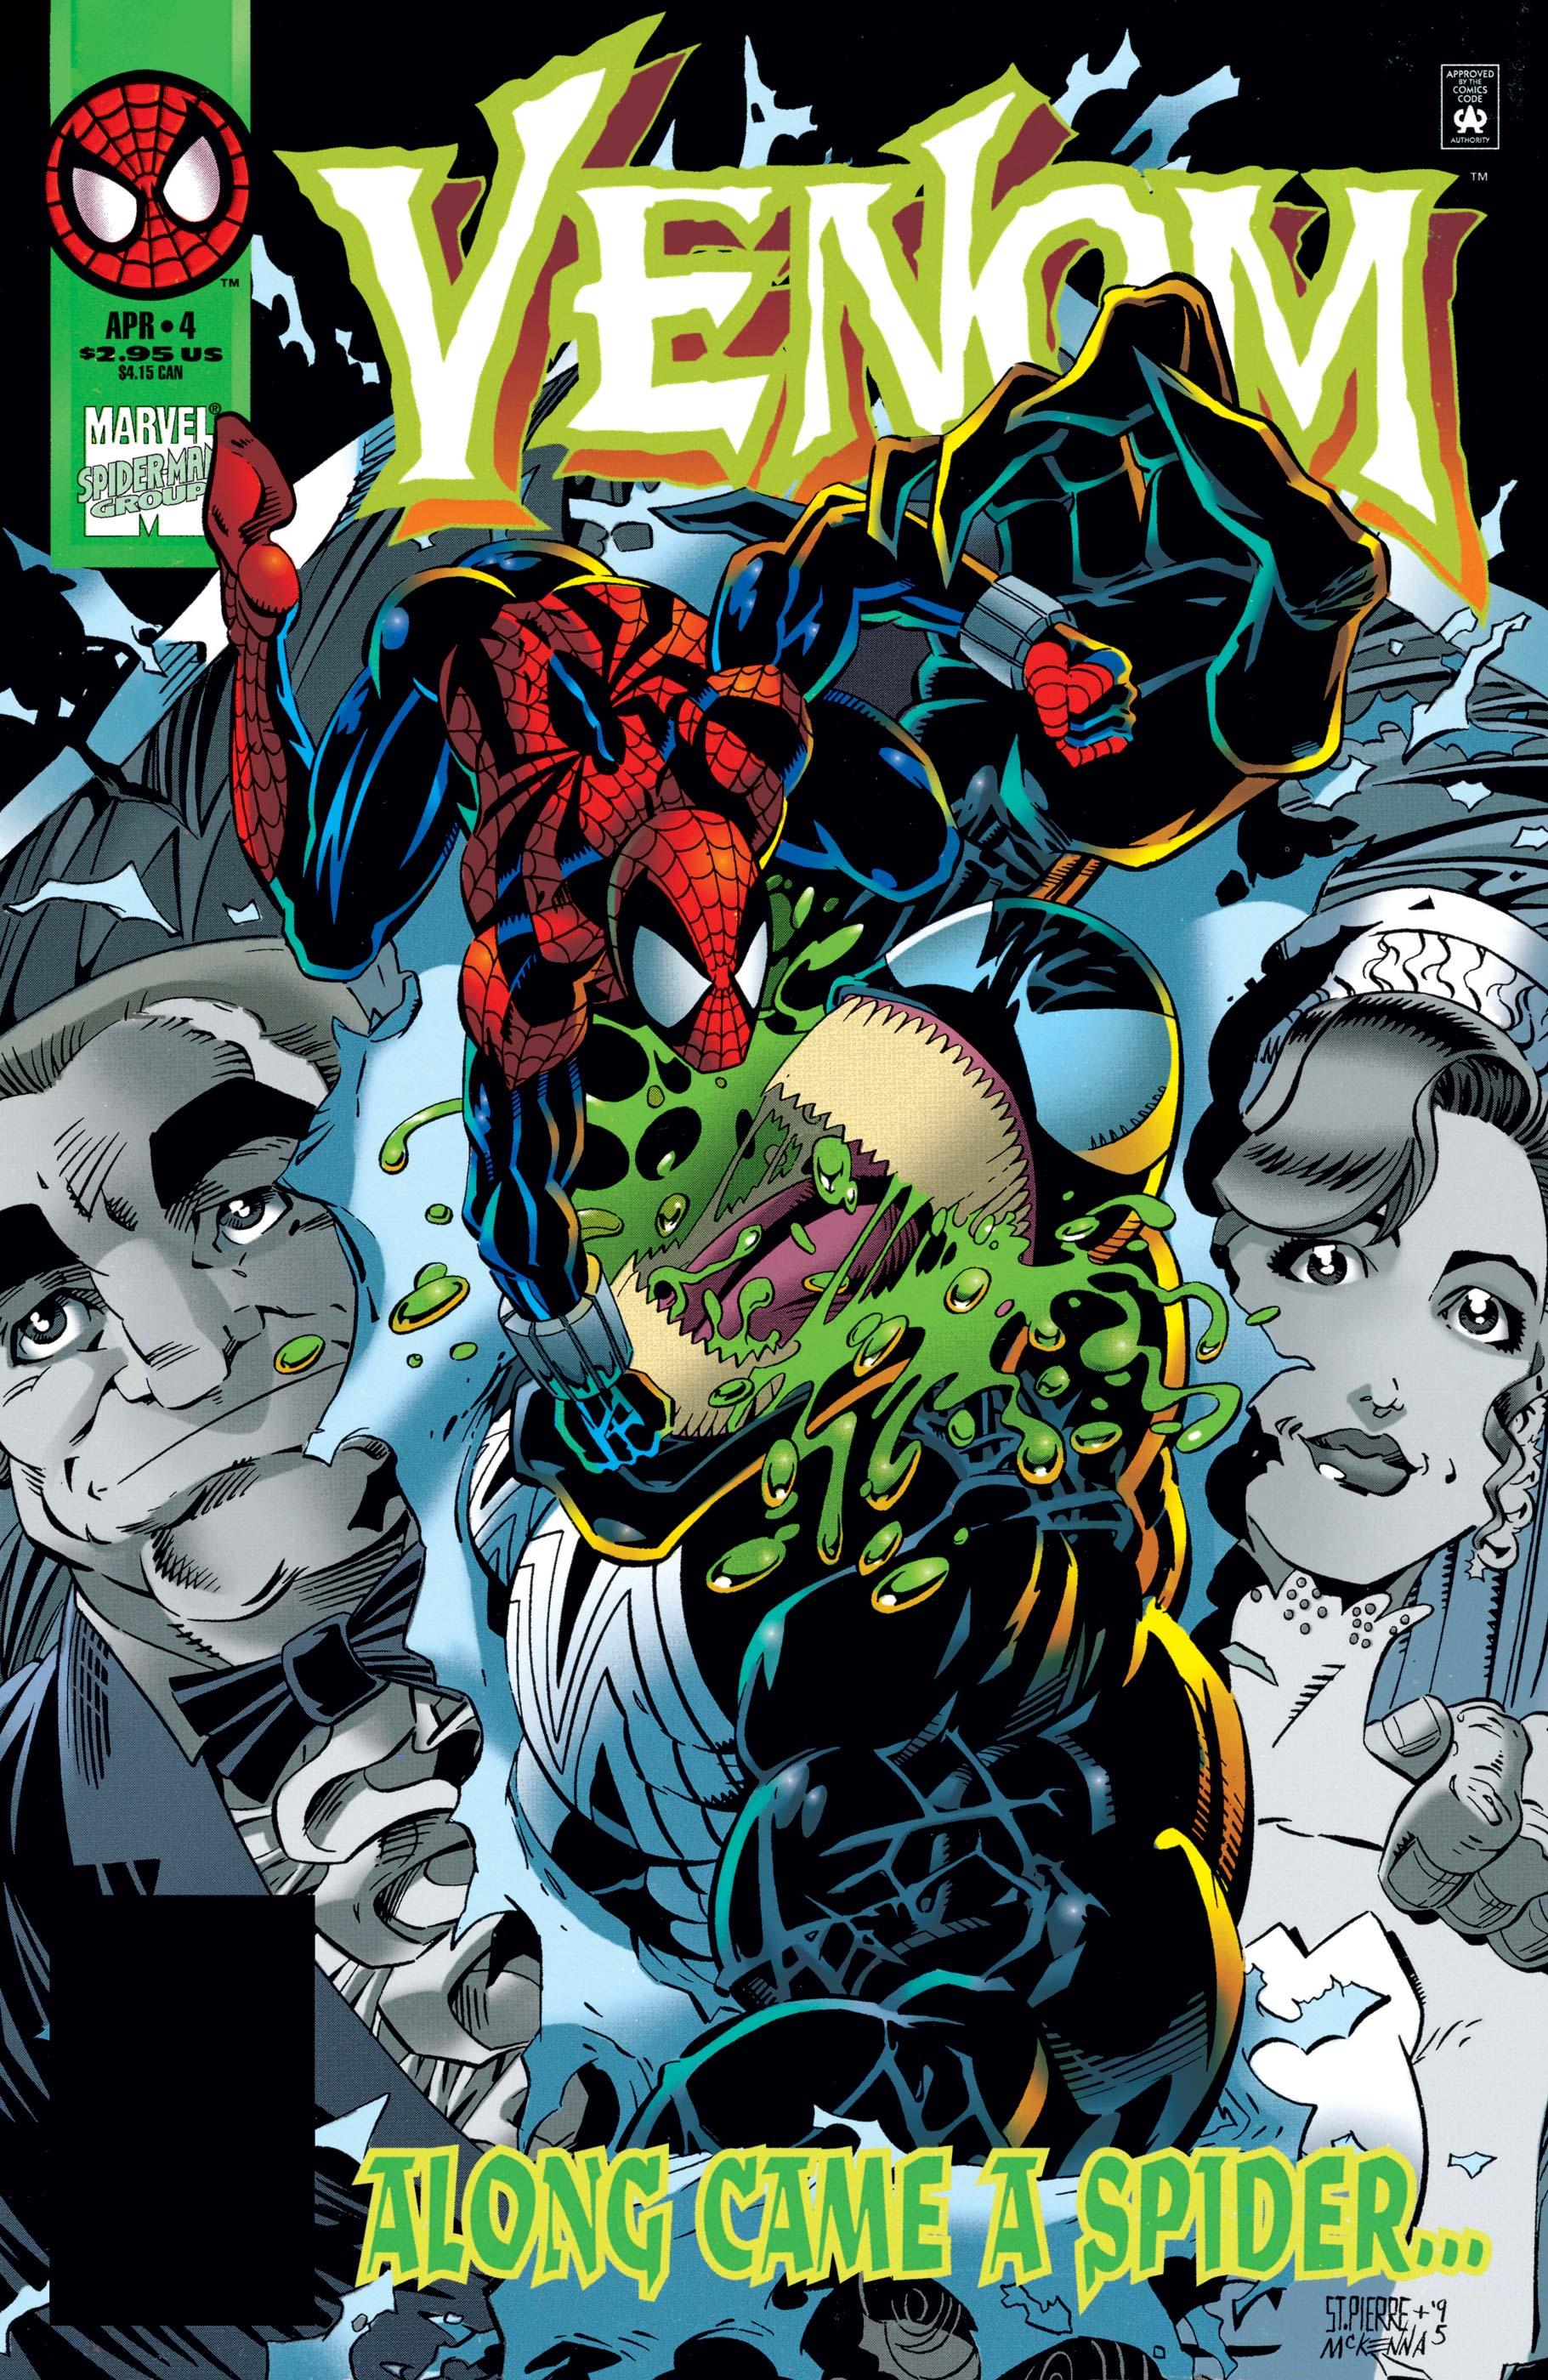 Venom: Along Came a Spider (1996) #4